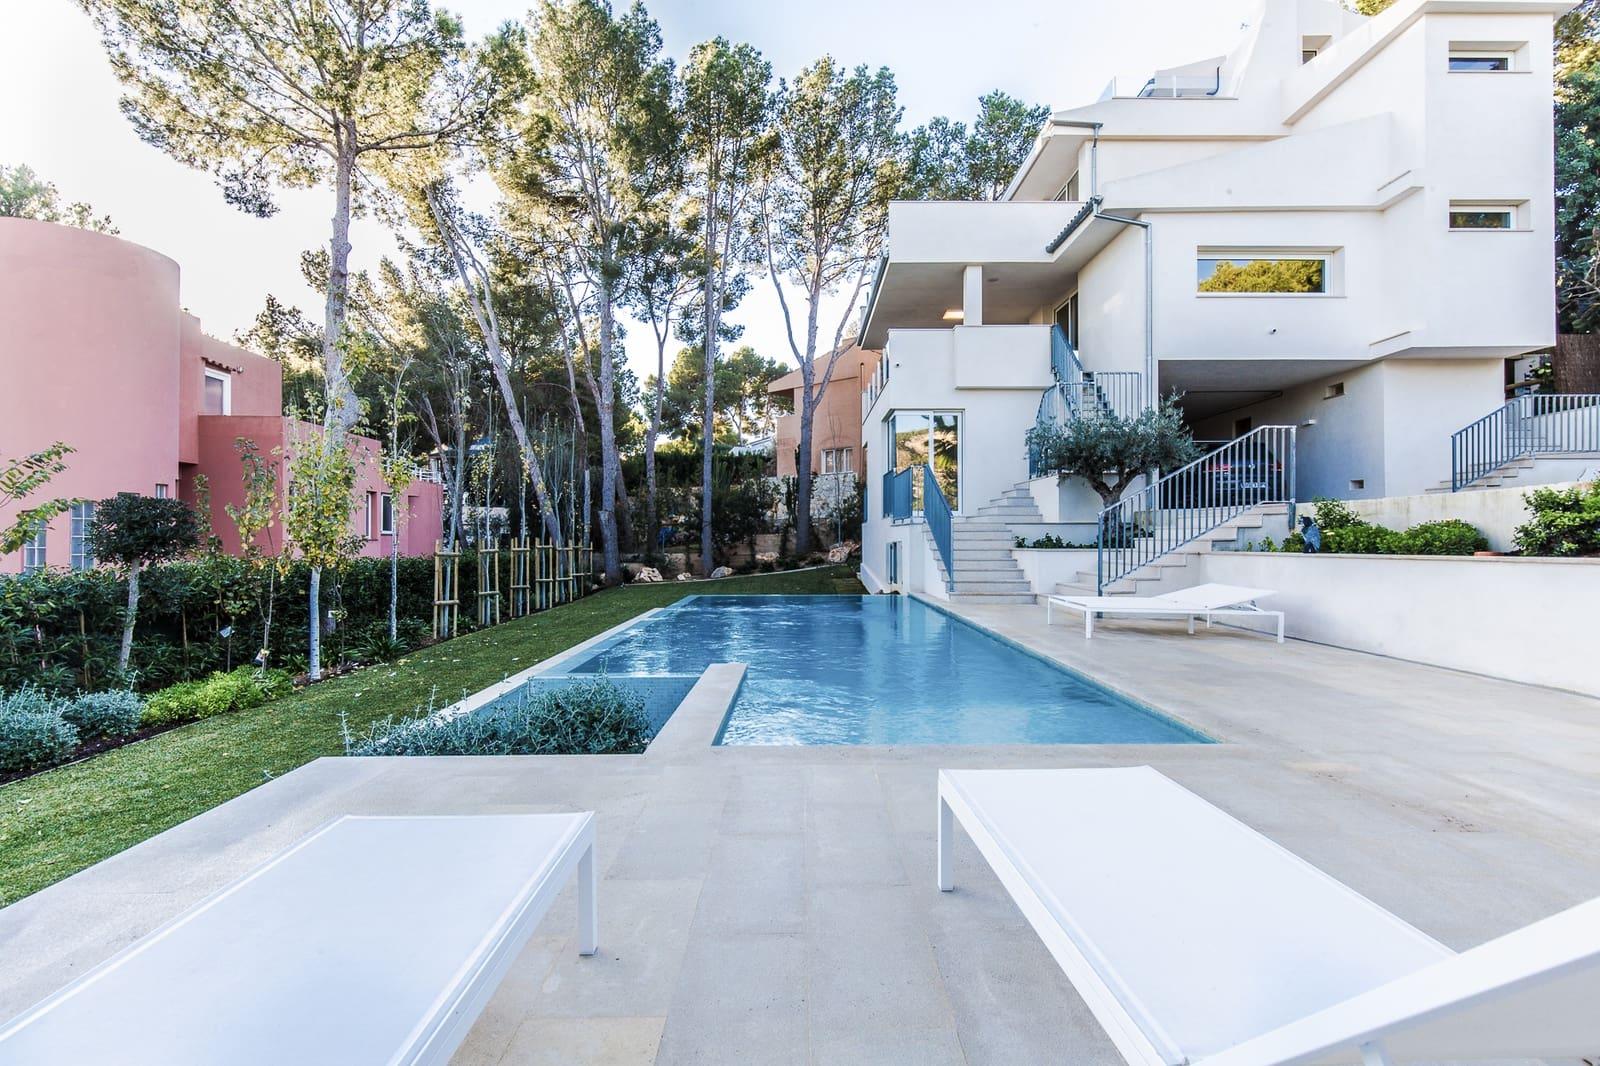 4 chambre Villa/Maison à vendre à Cas Catala avec piscine - 2 480 000 € (Ref: 5319644)